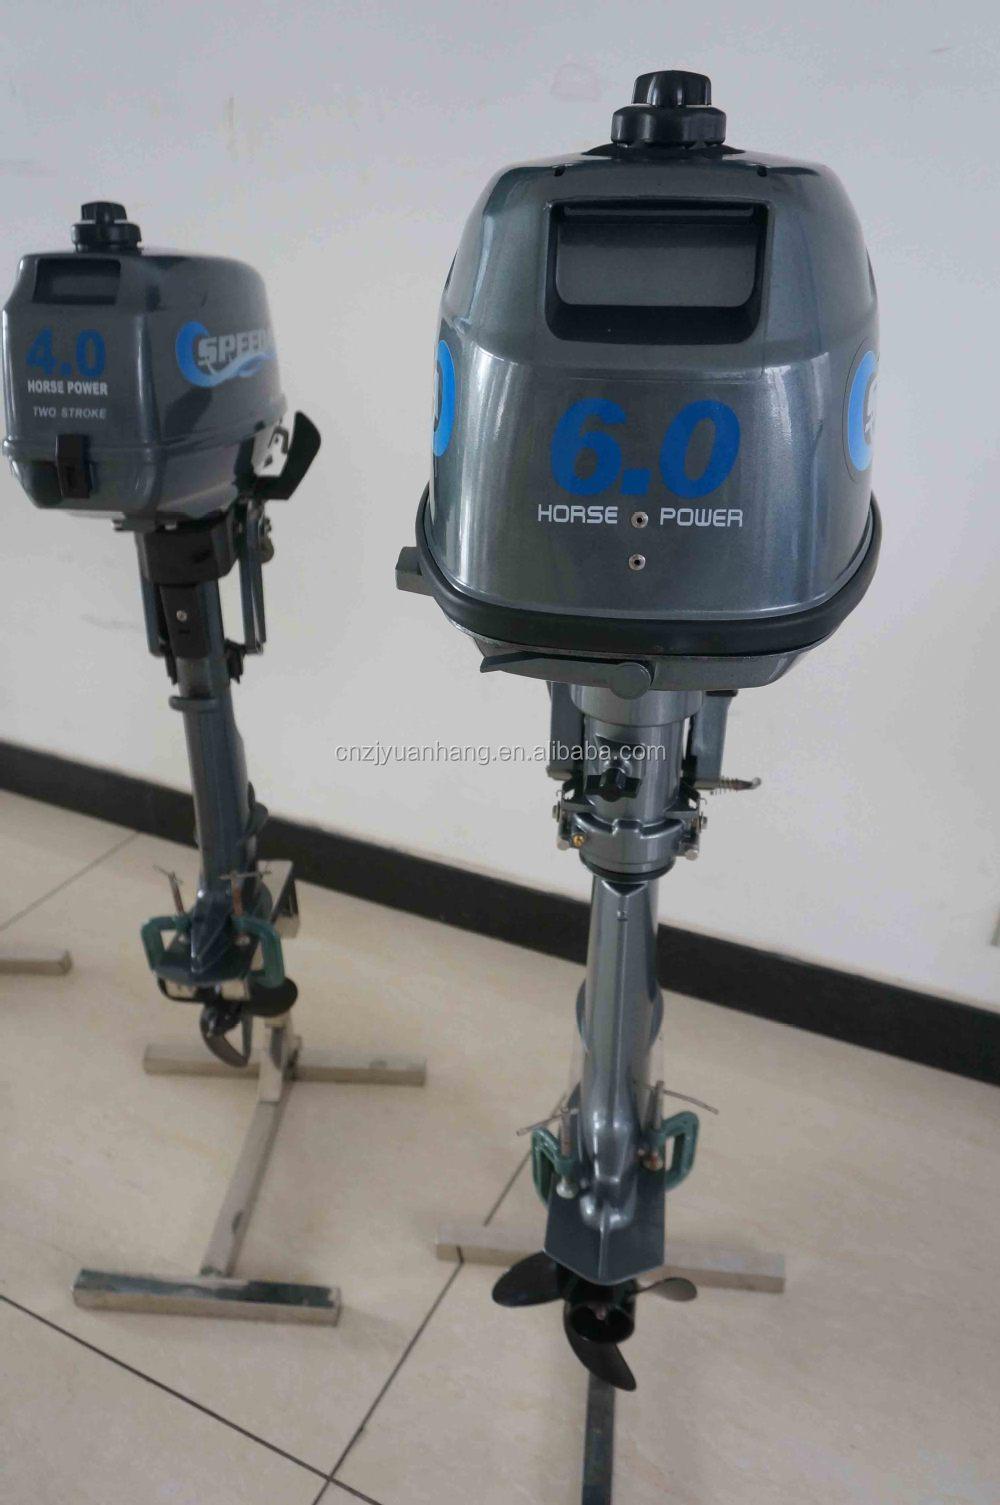 Speeda 6hp gasoline outboard boat engine buy boat engine for Buy boat motors online